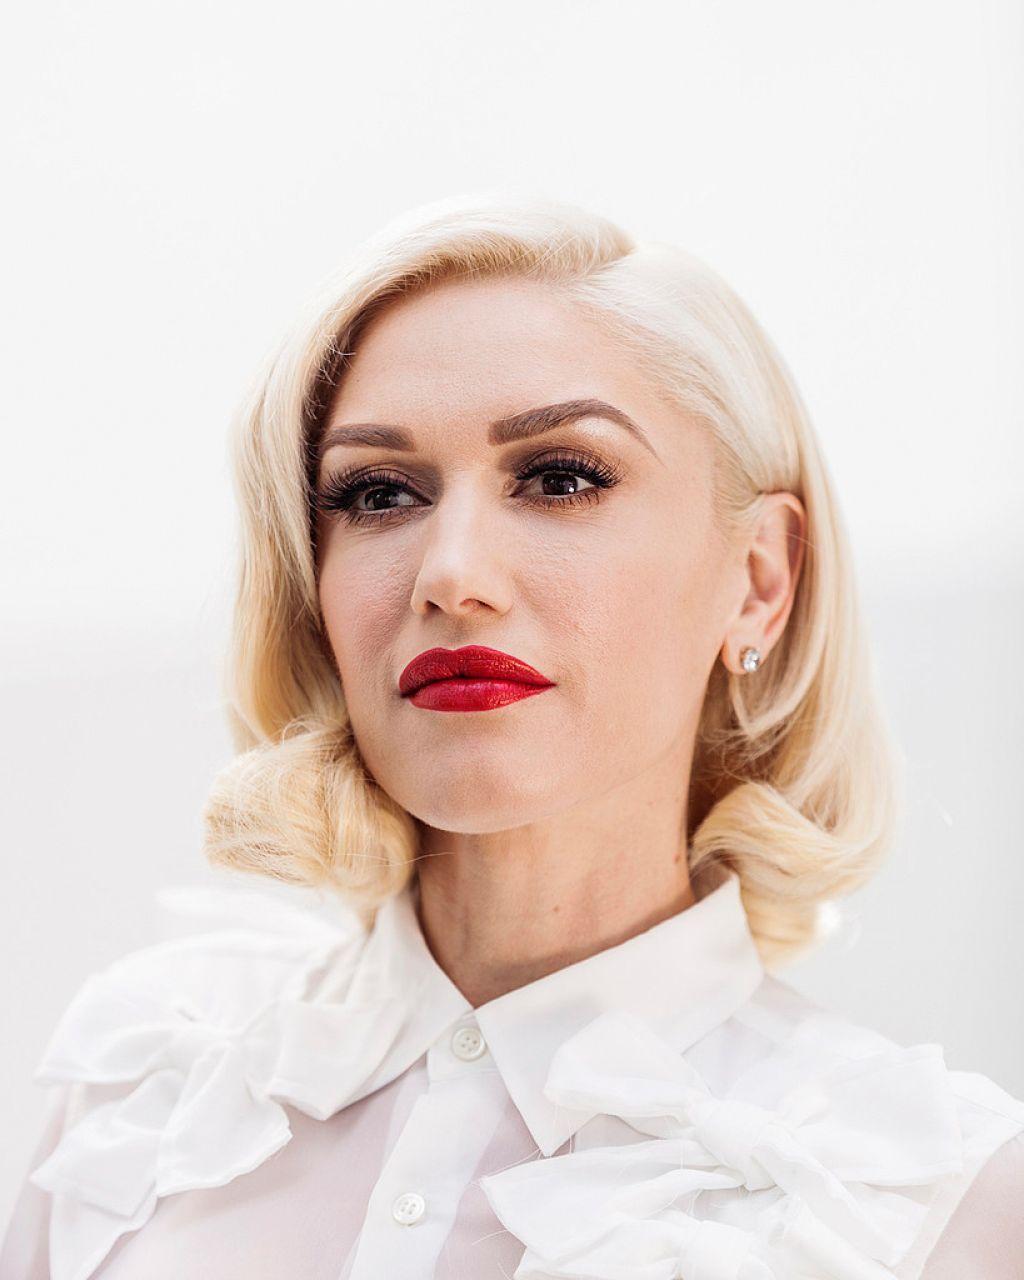 Gwen Stefani Photos - New York Times March 2016 Gwen Stefani